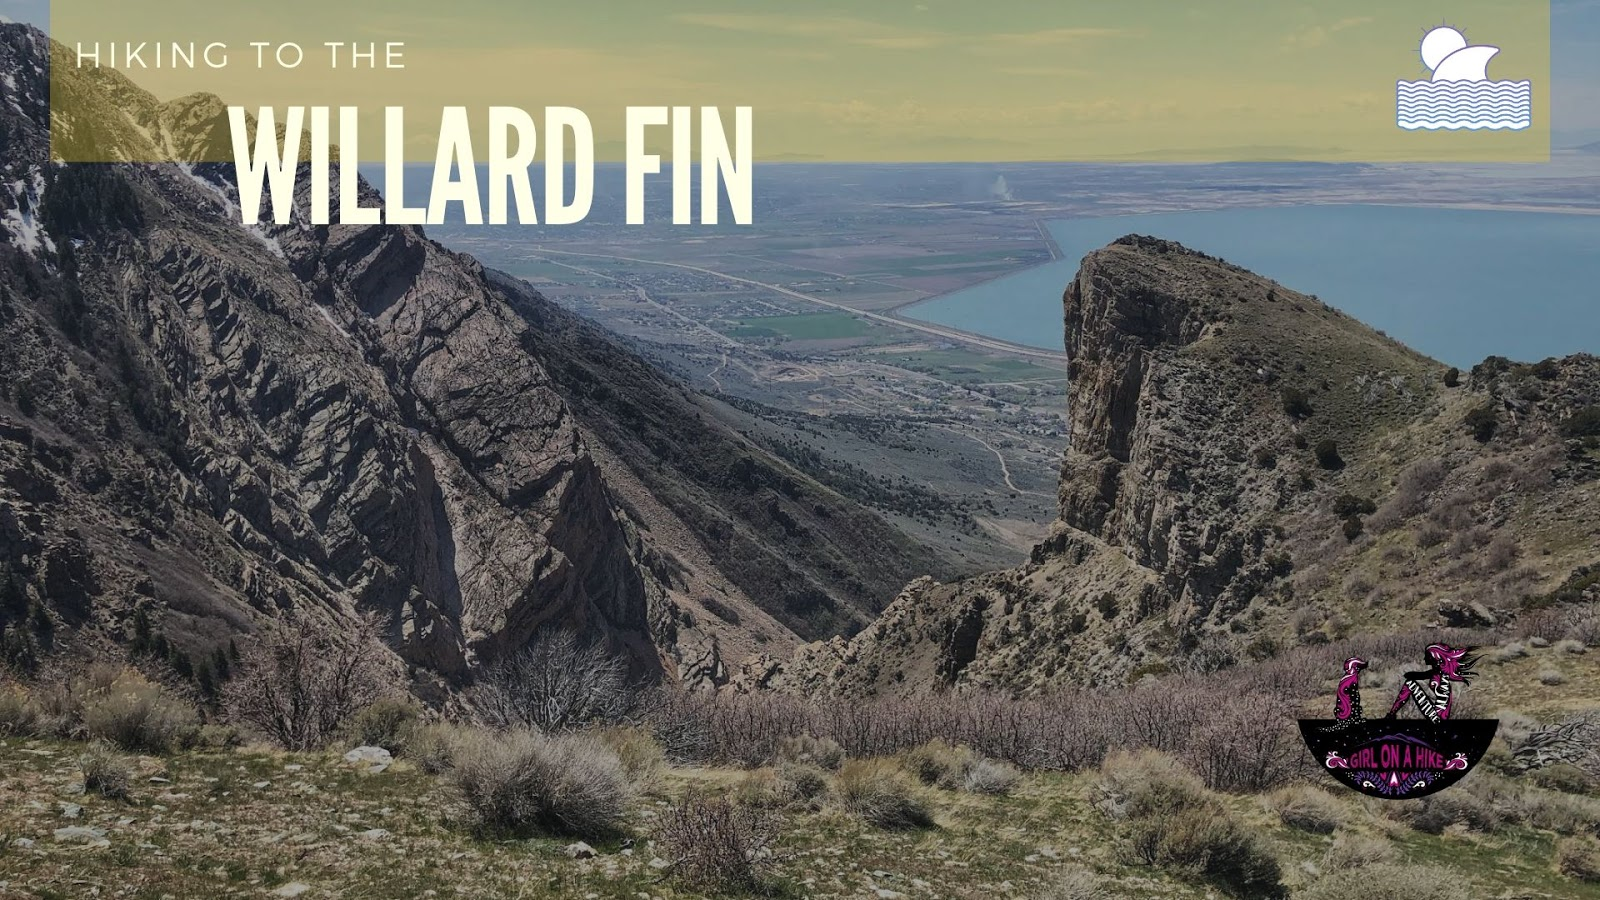 Hiking to the Willard Fin, Hiking in Willard, Utah, hiking in utah with dogs